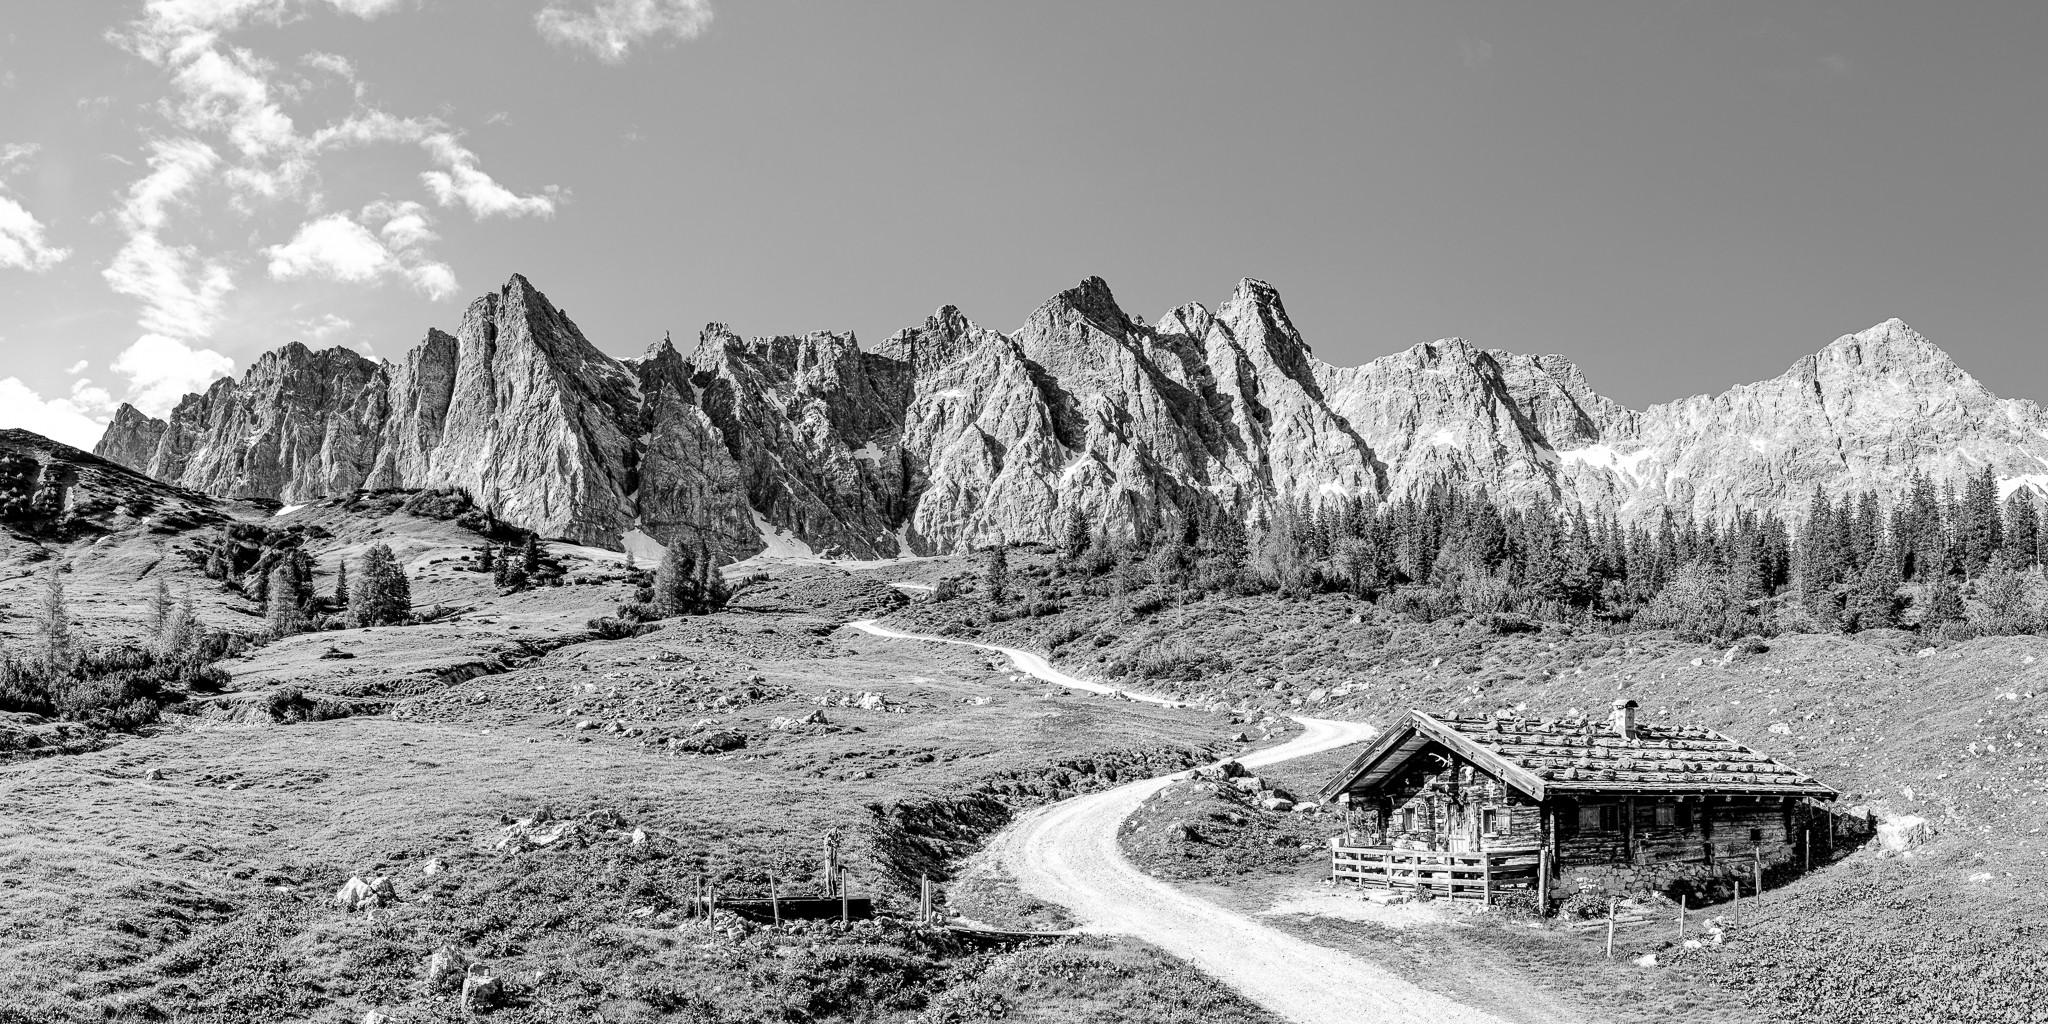 Auf dem Weg durchs Johannistal zur Falkenhütte kommt man an der urigen Ladizalm vorbei. Idyllisch gelegen mit Blick